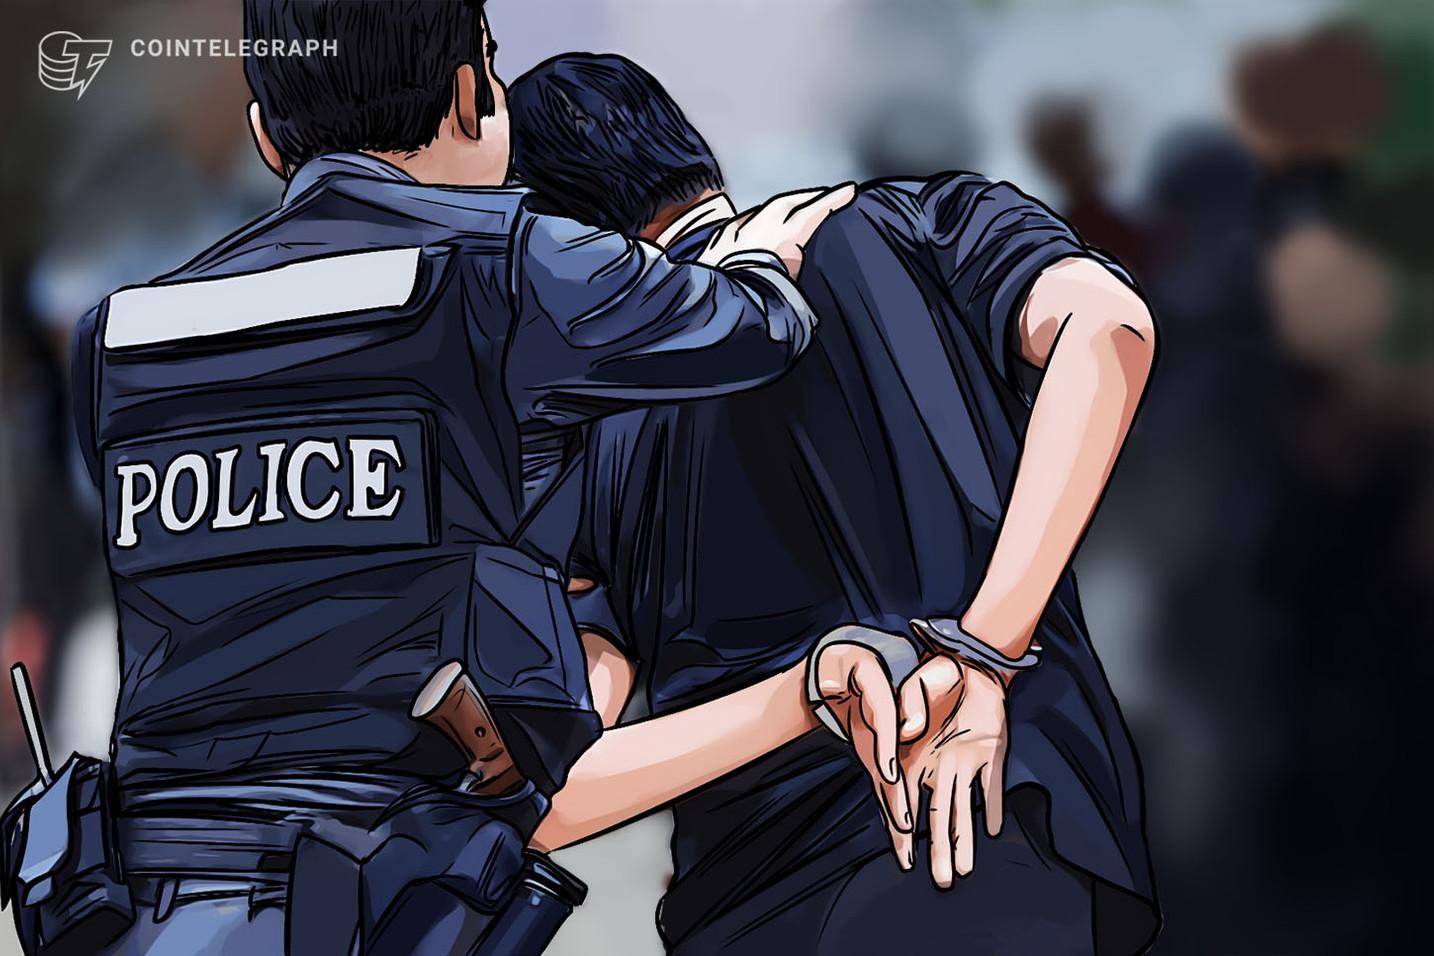 Japão: Hacker envolvido em roubo de 15 mi de Yens em cripto é encaminhado a promotores